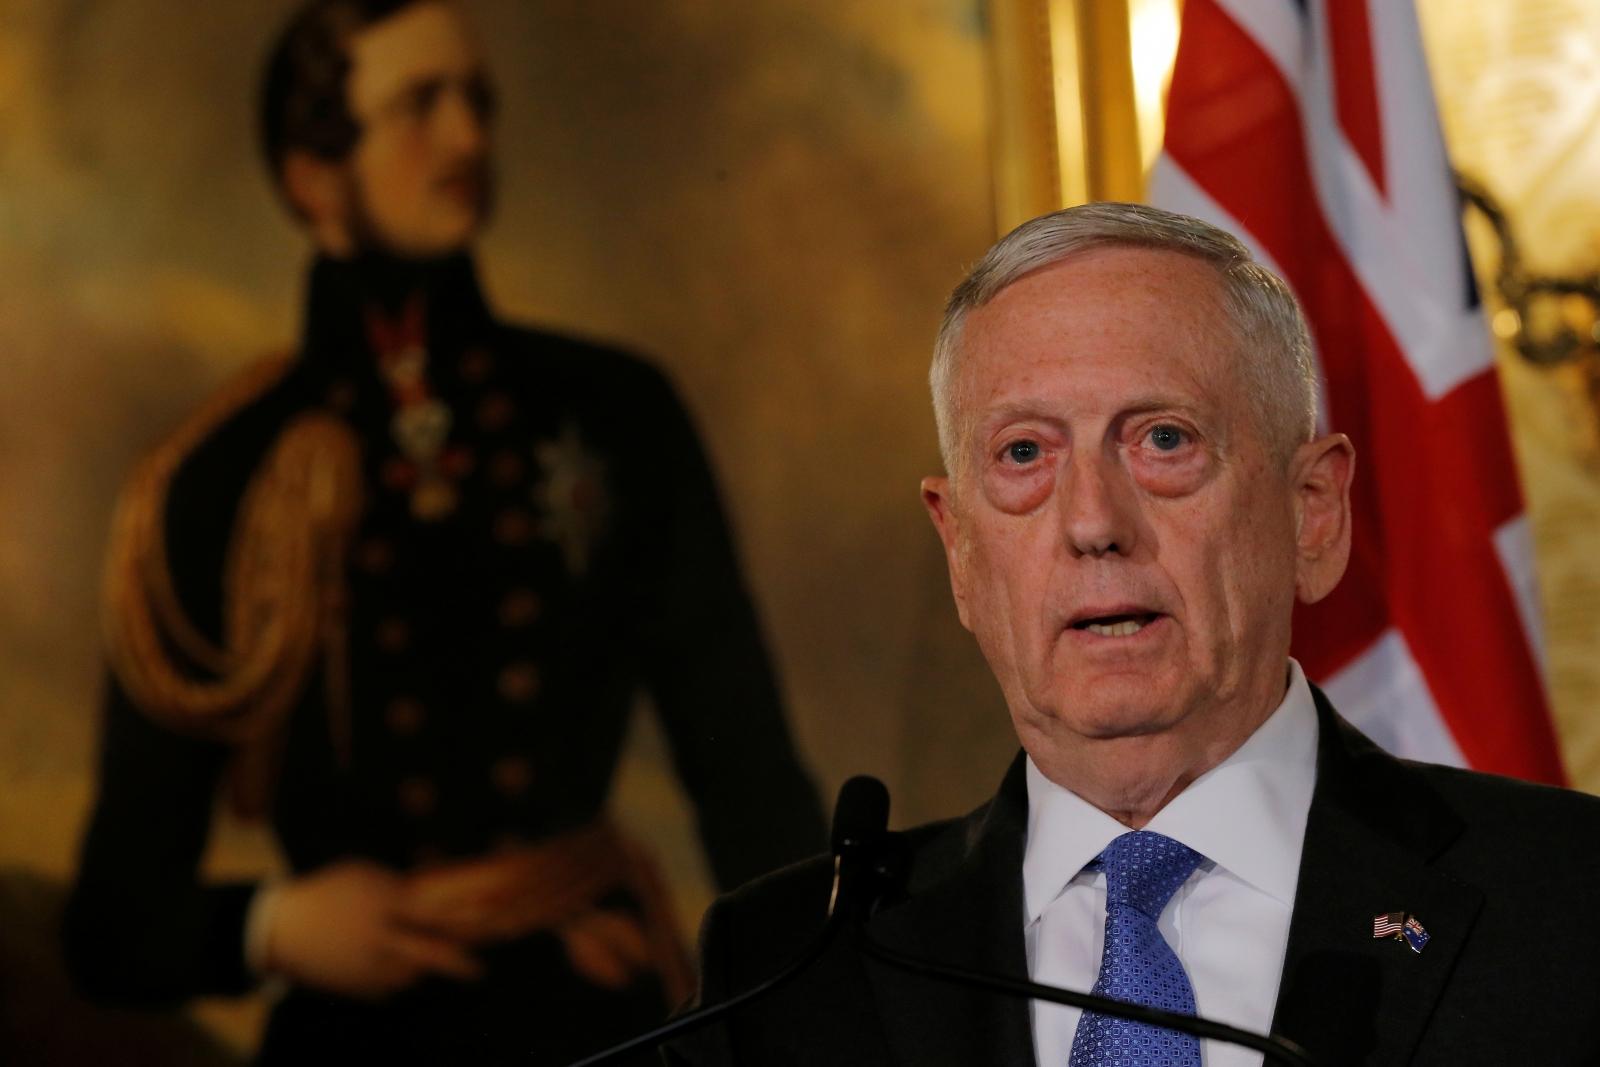 Tillerson: China Should Put More Pressure on N. Korea